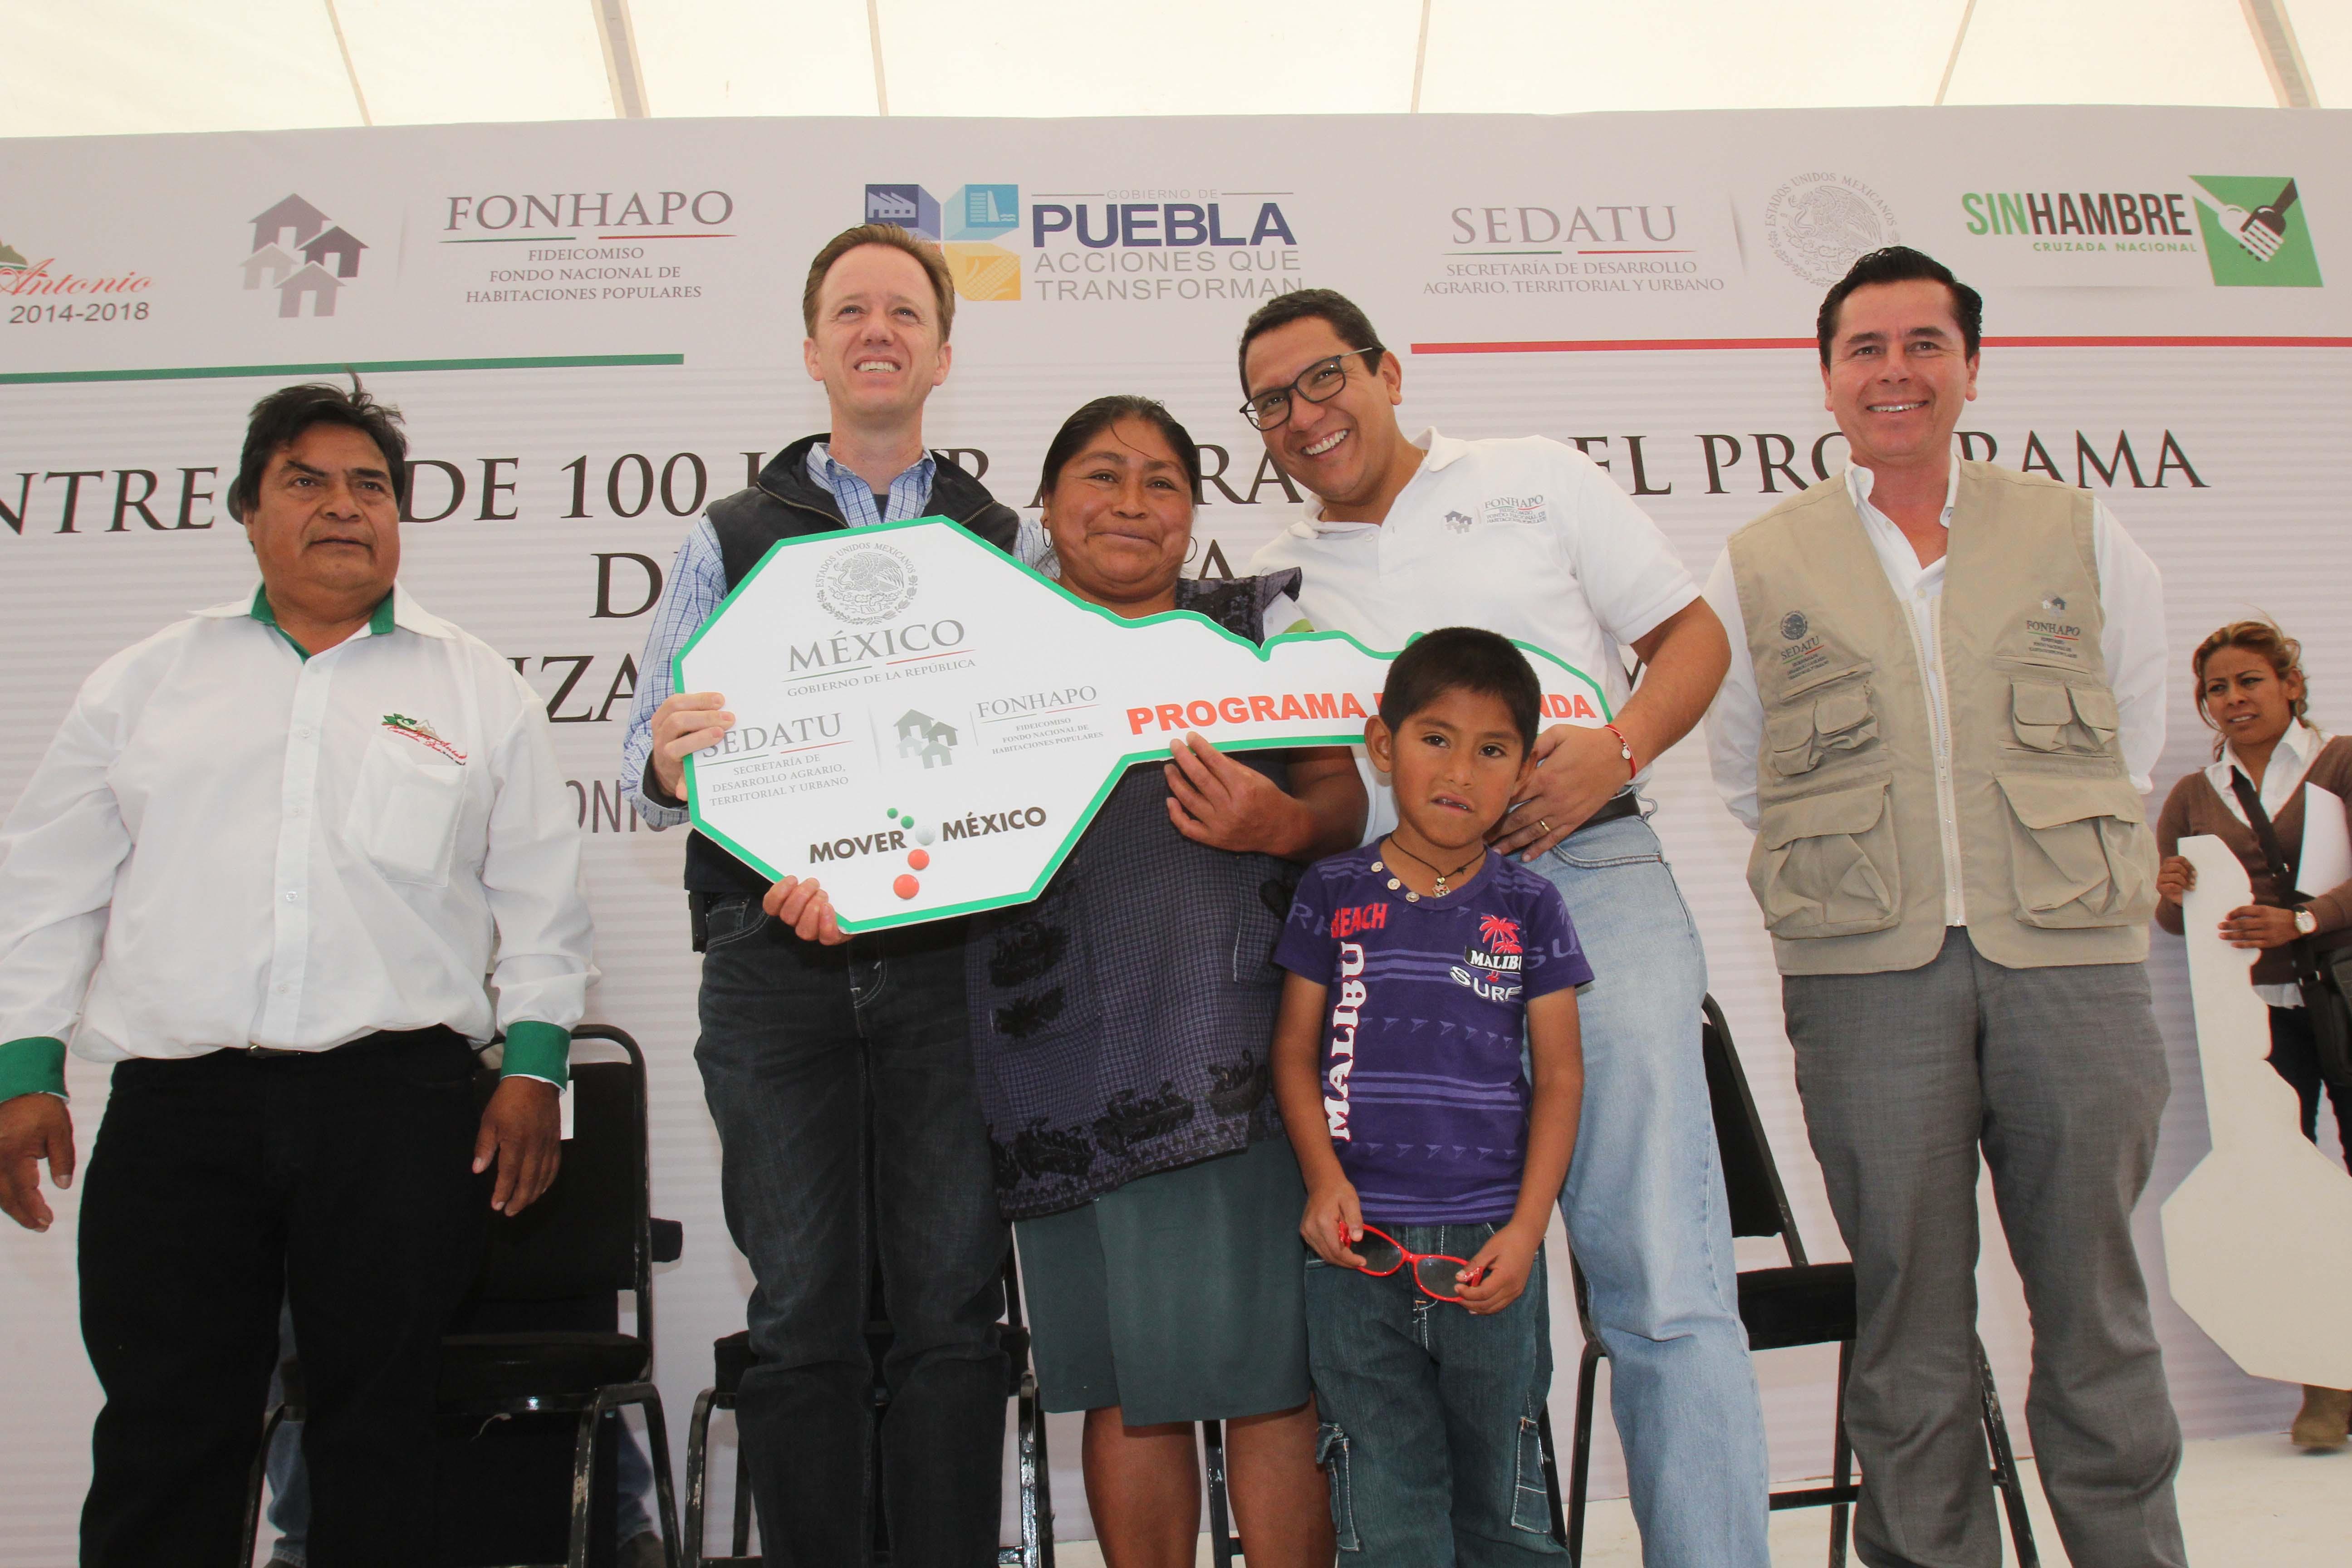 En la gráfica, el director general del FONHAPO, Ángel Islava Tamayo, entrega la llave de su nueva casa a una beneficiada y su familia.